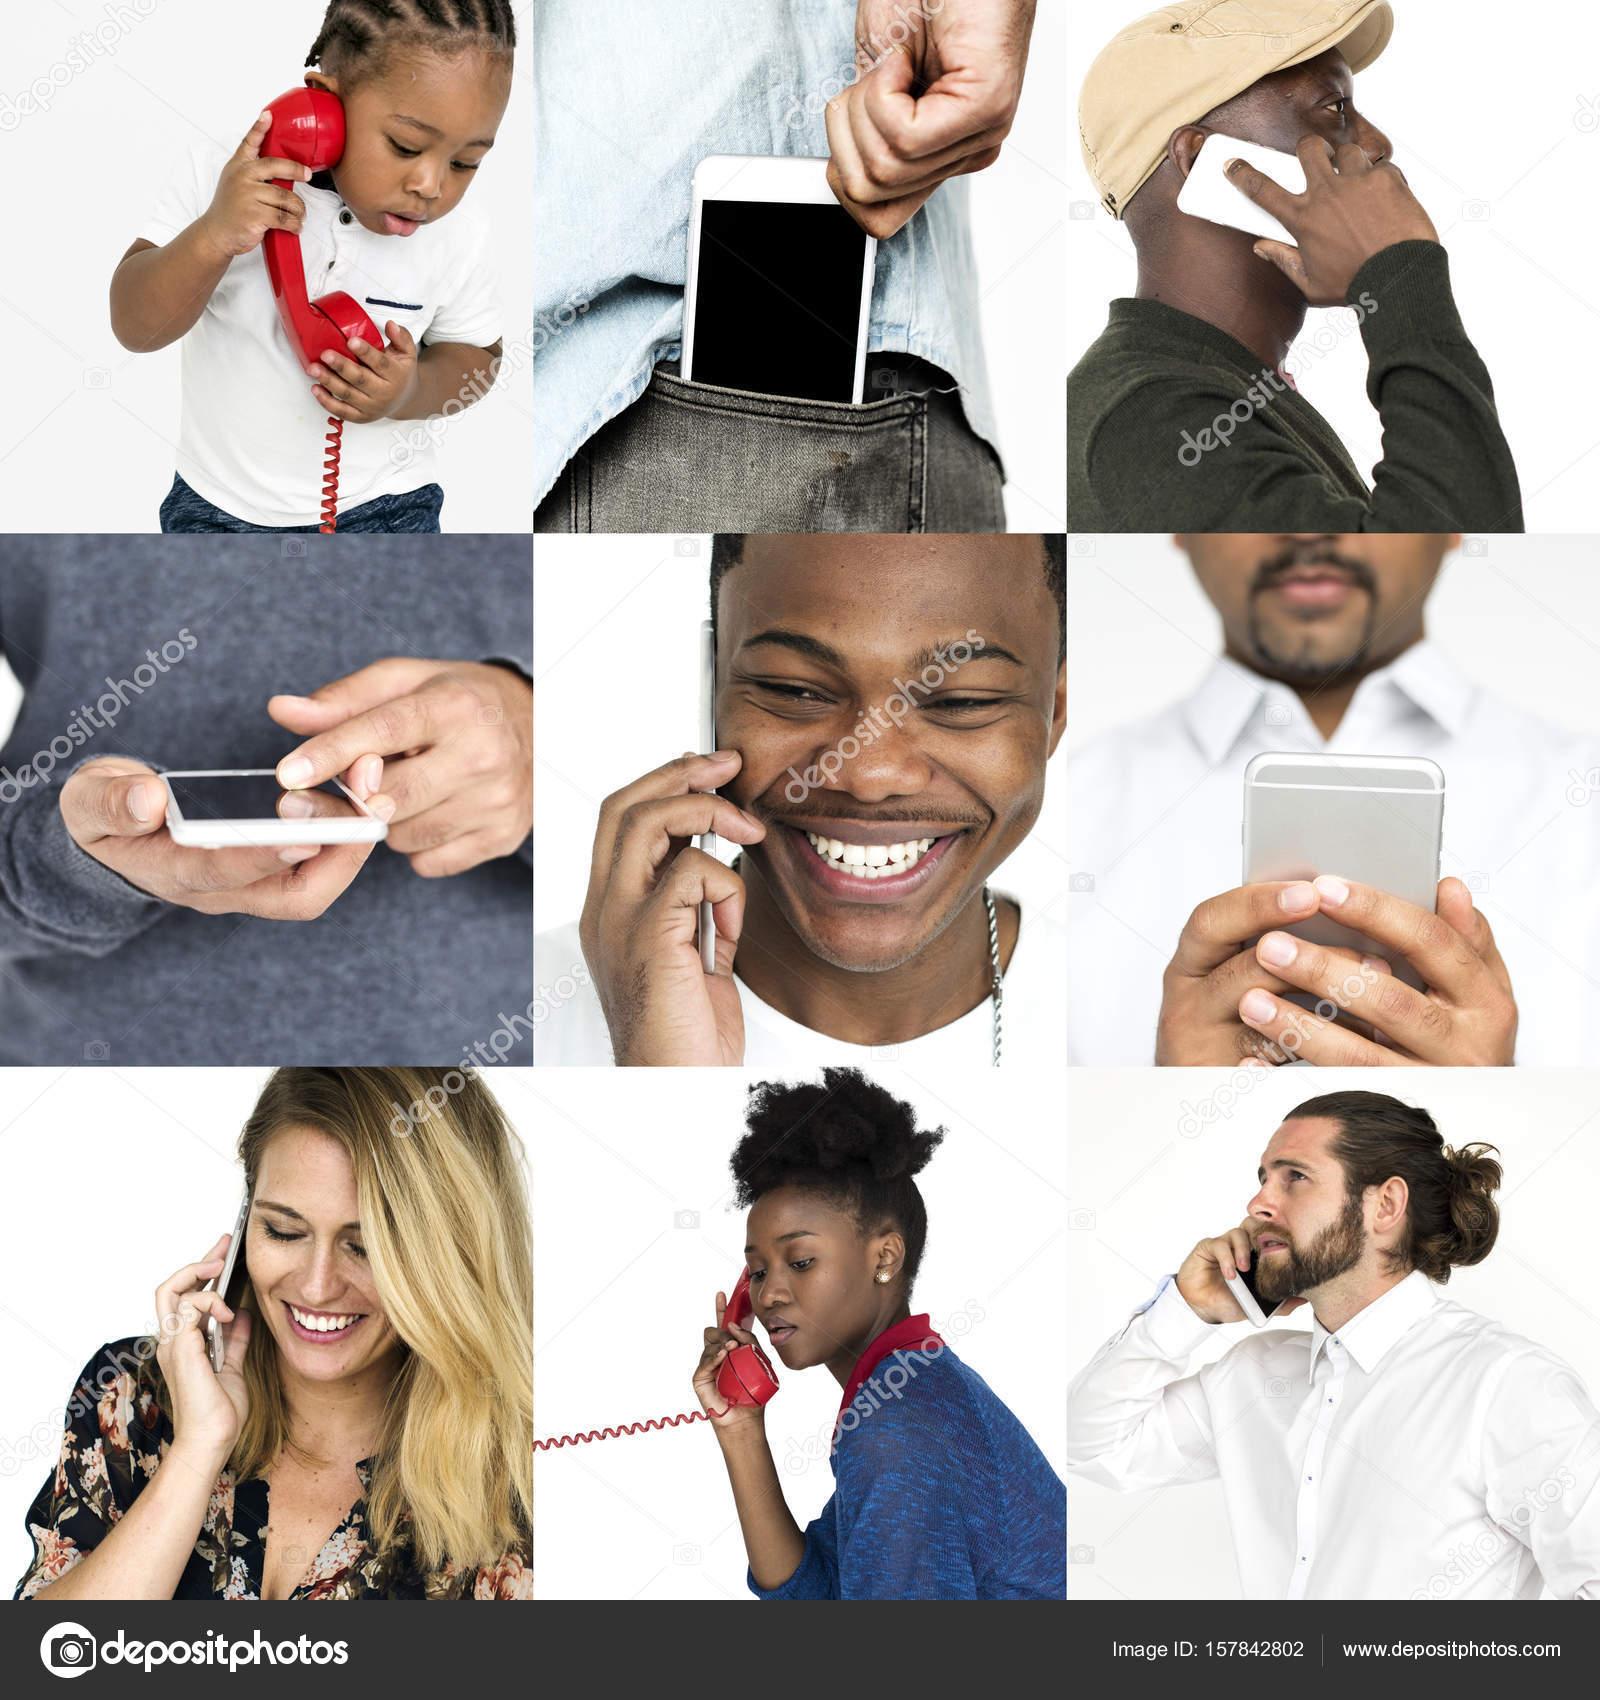 Olika Personer Använder Telefon Stockfotografi Rawpixel 157842802